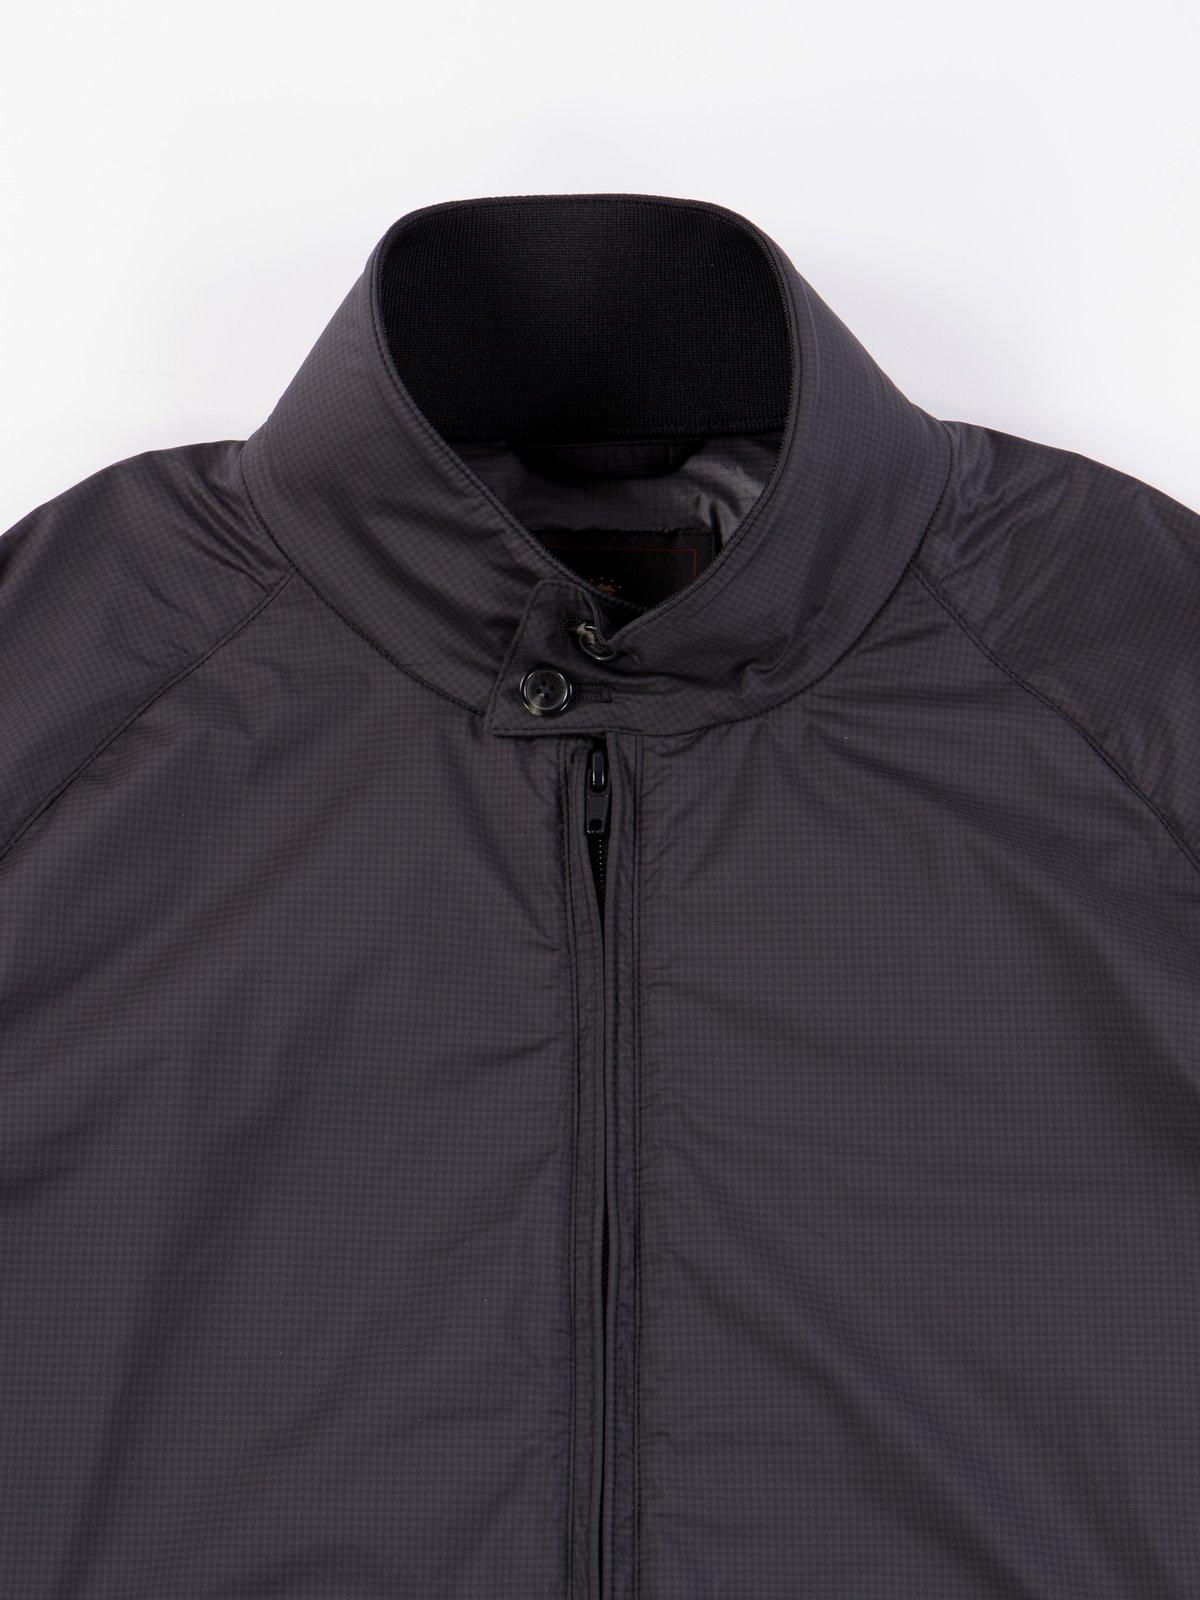 Mini Grey Check G9 EG Jacket - Image 4